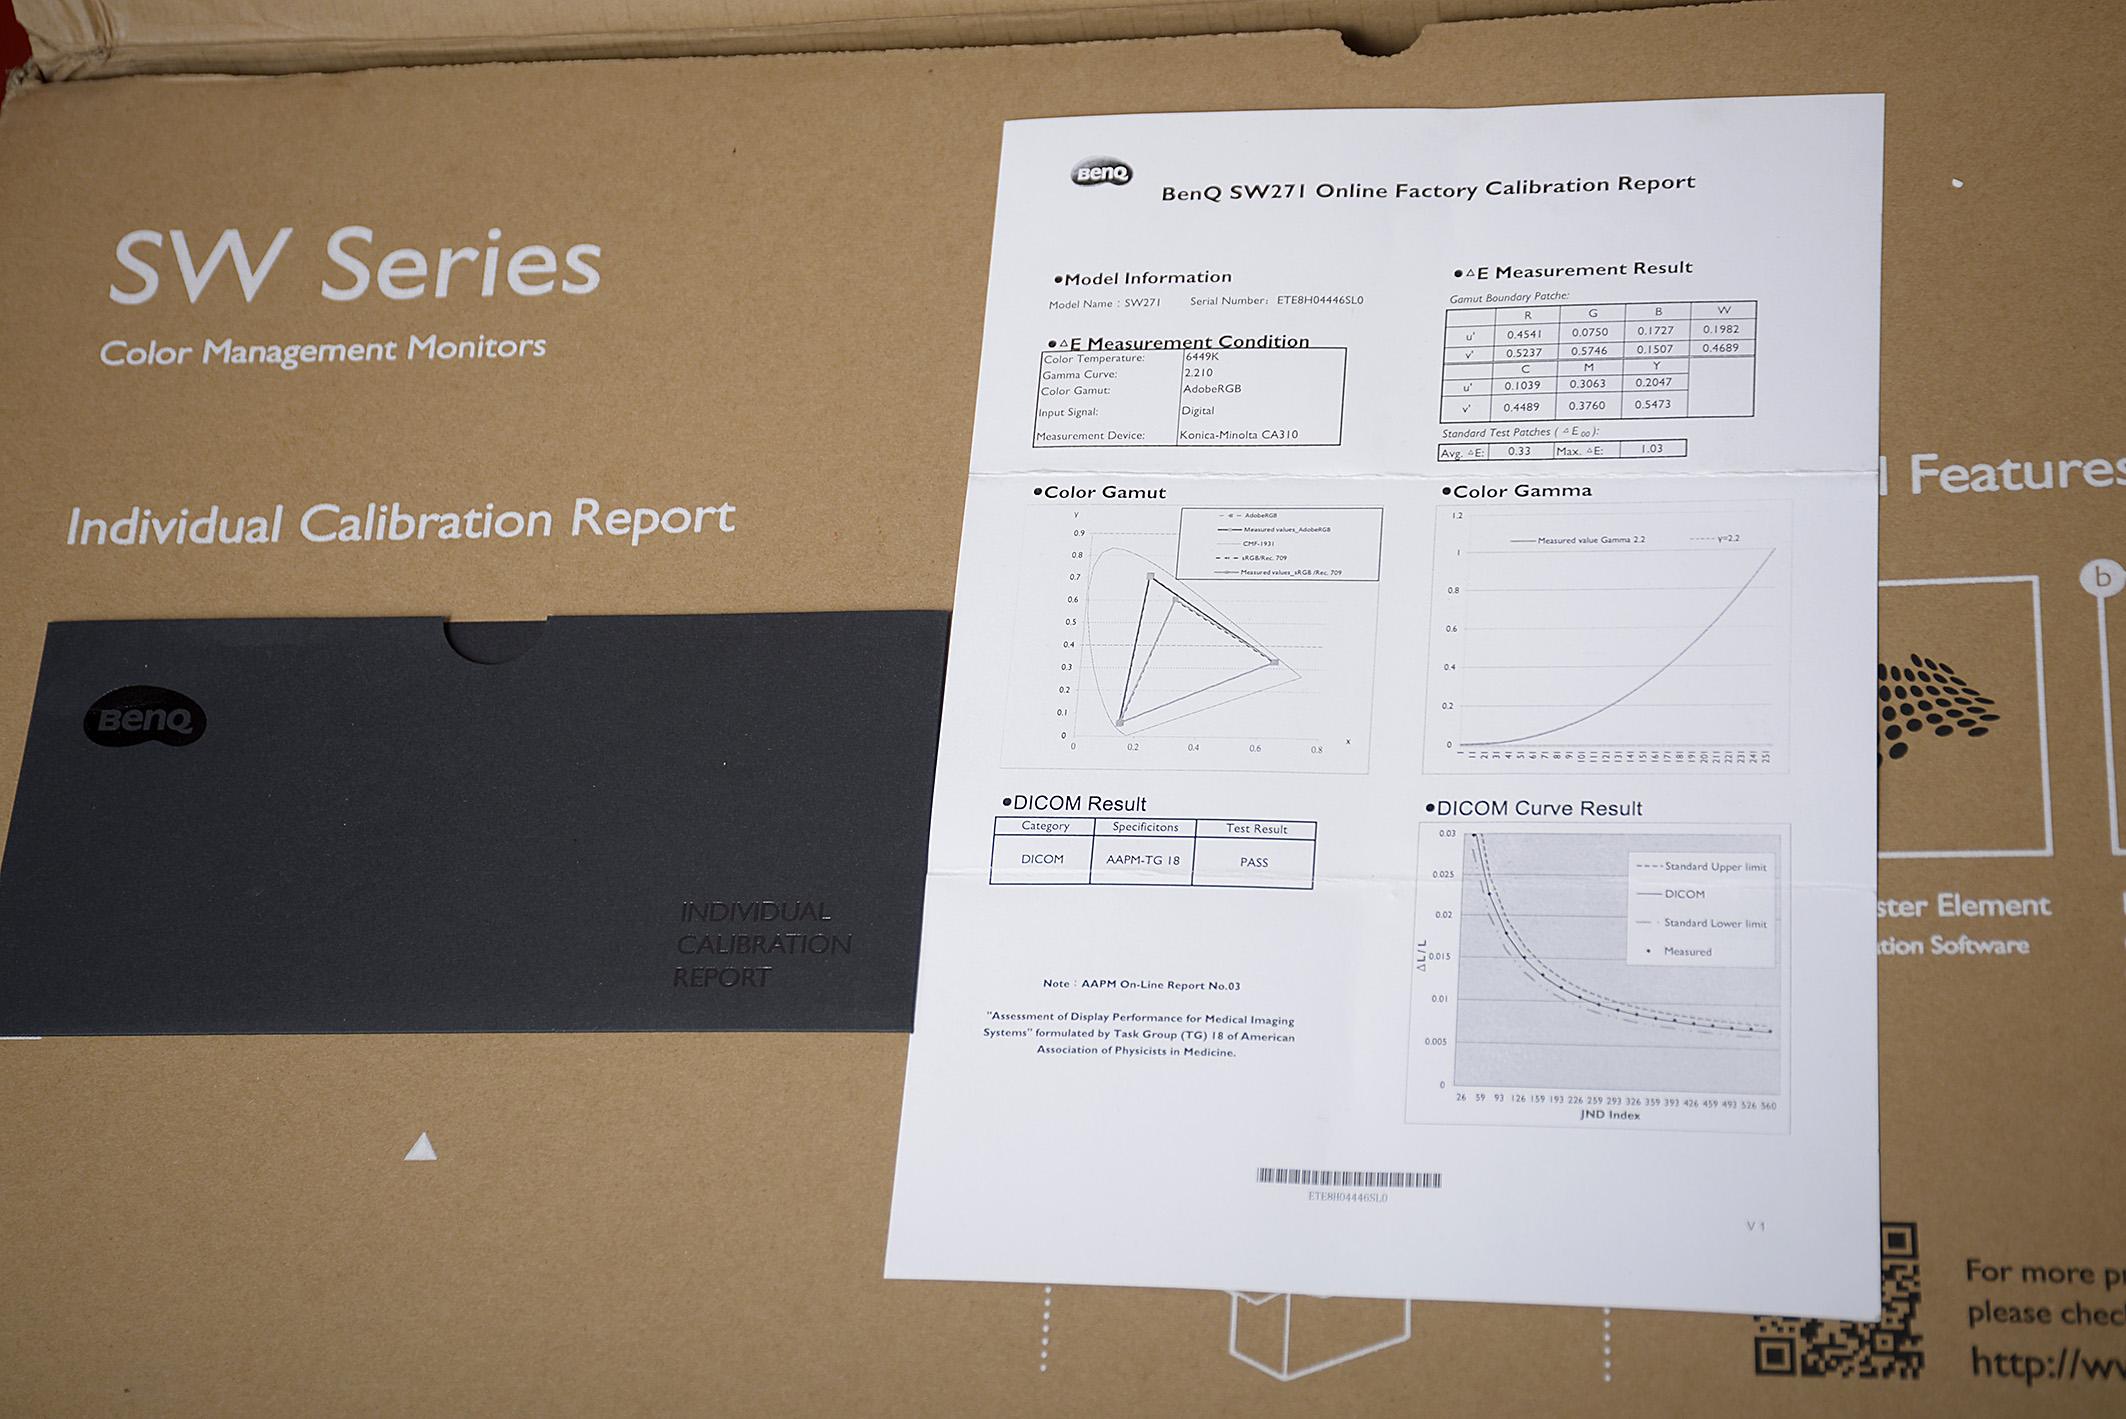 BenQ legt jedem Color Management Display der SW-Reihe einen individuellen Kalibrierungs-Report bei. Dieser weist aus, inwiefern der Bildschirm vor der Auslieferung bereits eingestellt wurde. Foto: Michael B. Rehders